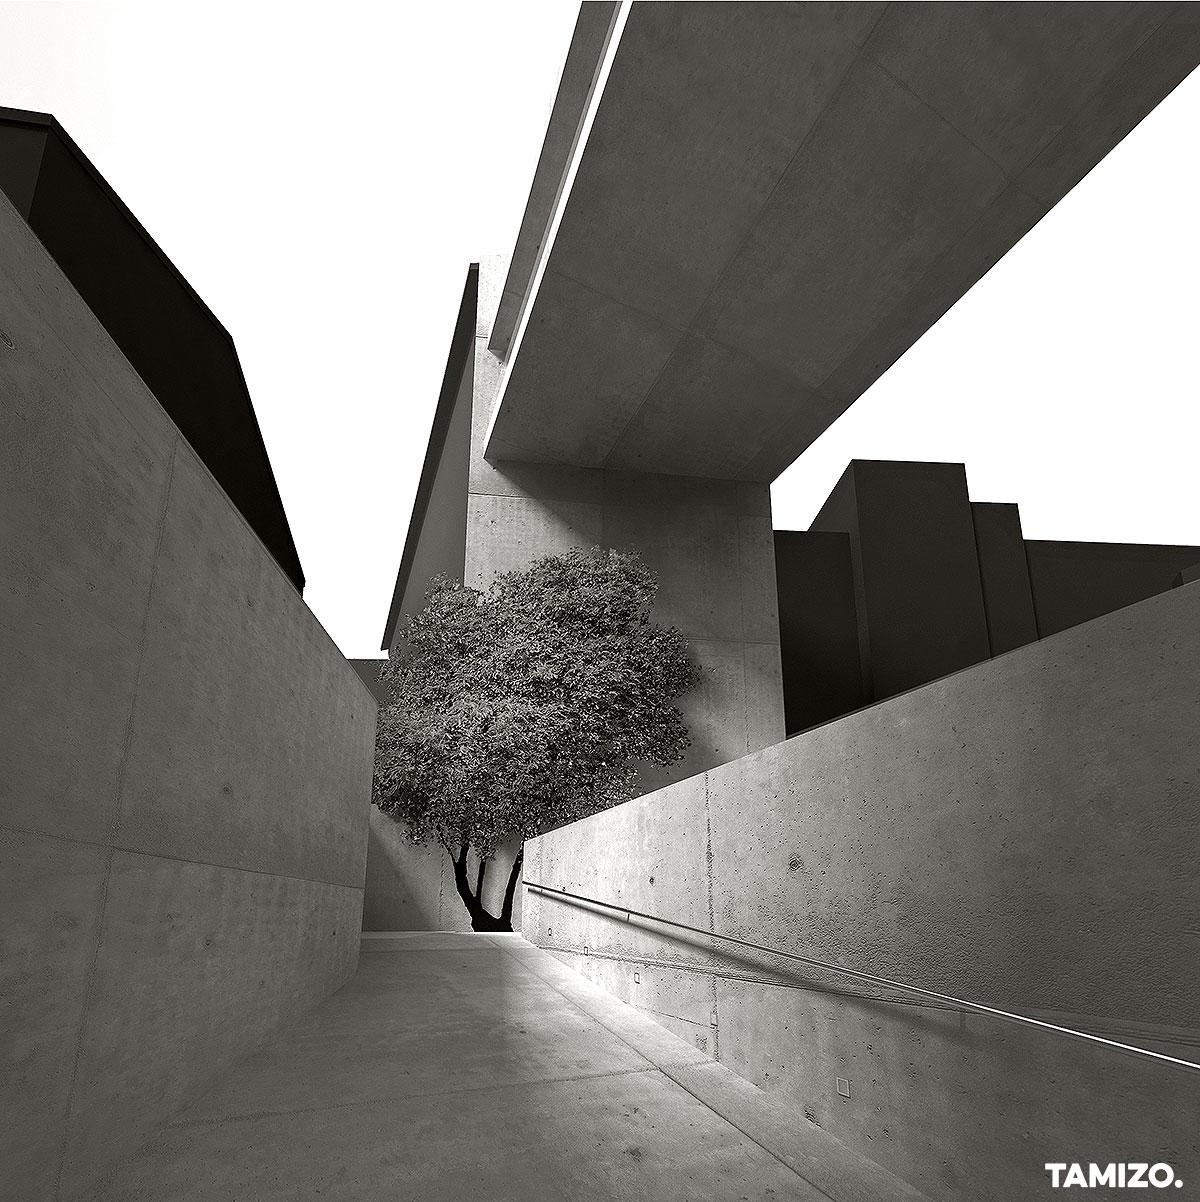 A012_tamizo_architekci_architektura-kosiol-w-miescie-church-projekt-lodz-plomba-zelbet-mateusz-stolarski-17